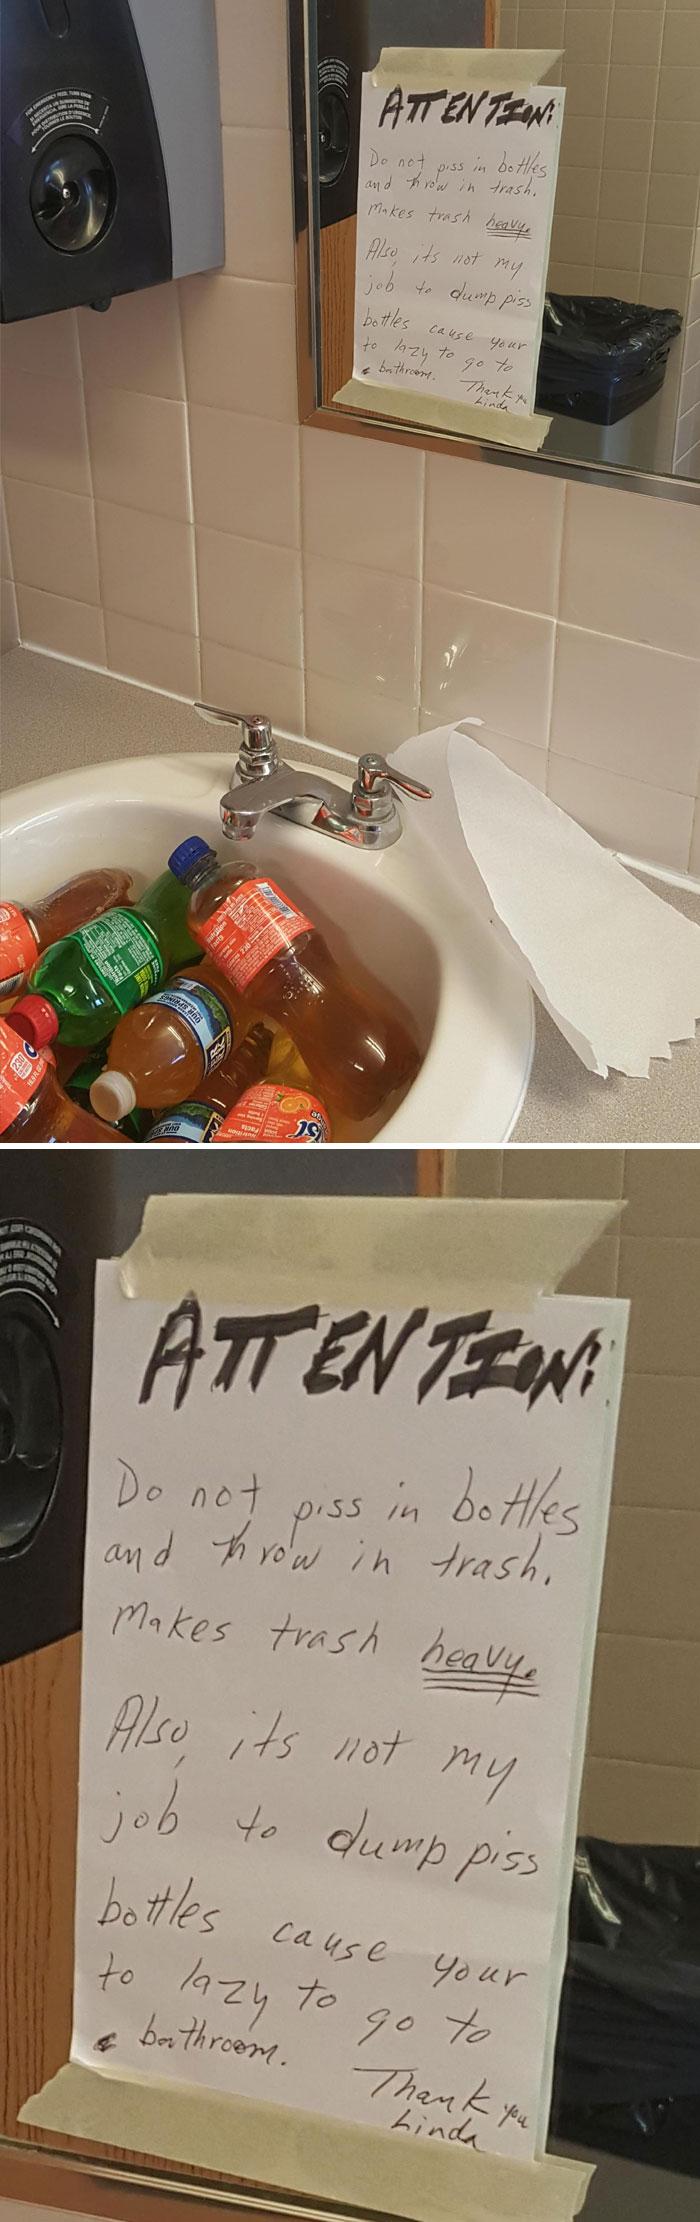 La residencia de estudiantes solo tiene una limpiadora, y aún así la gente es asquerosa. No la culpo por dejar la nota